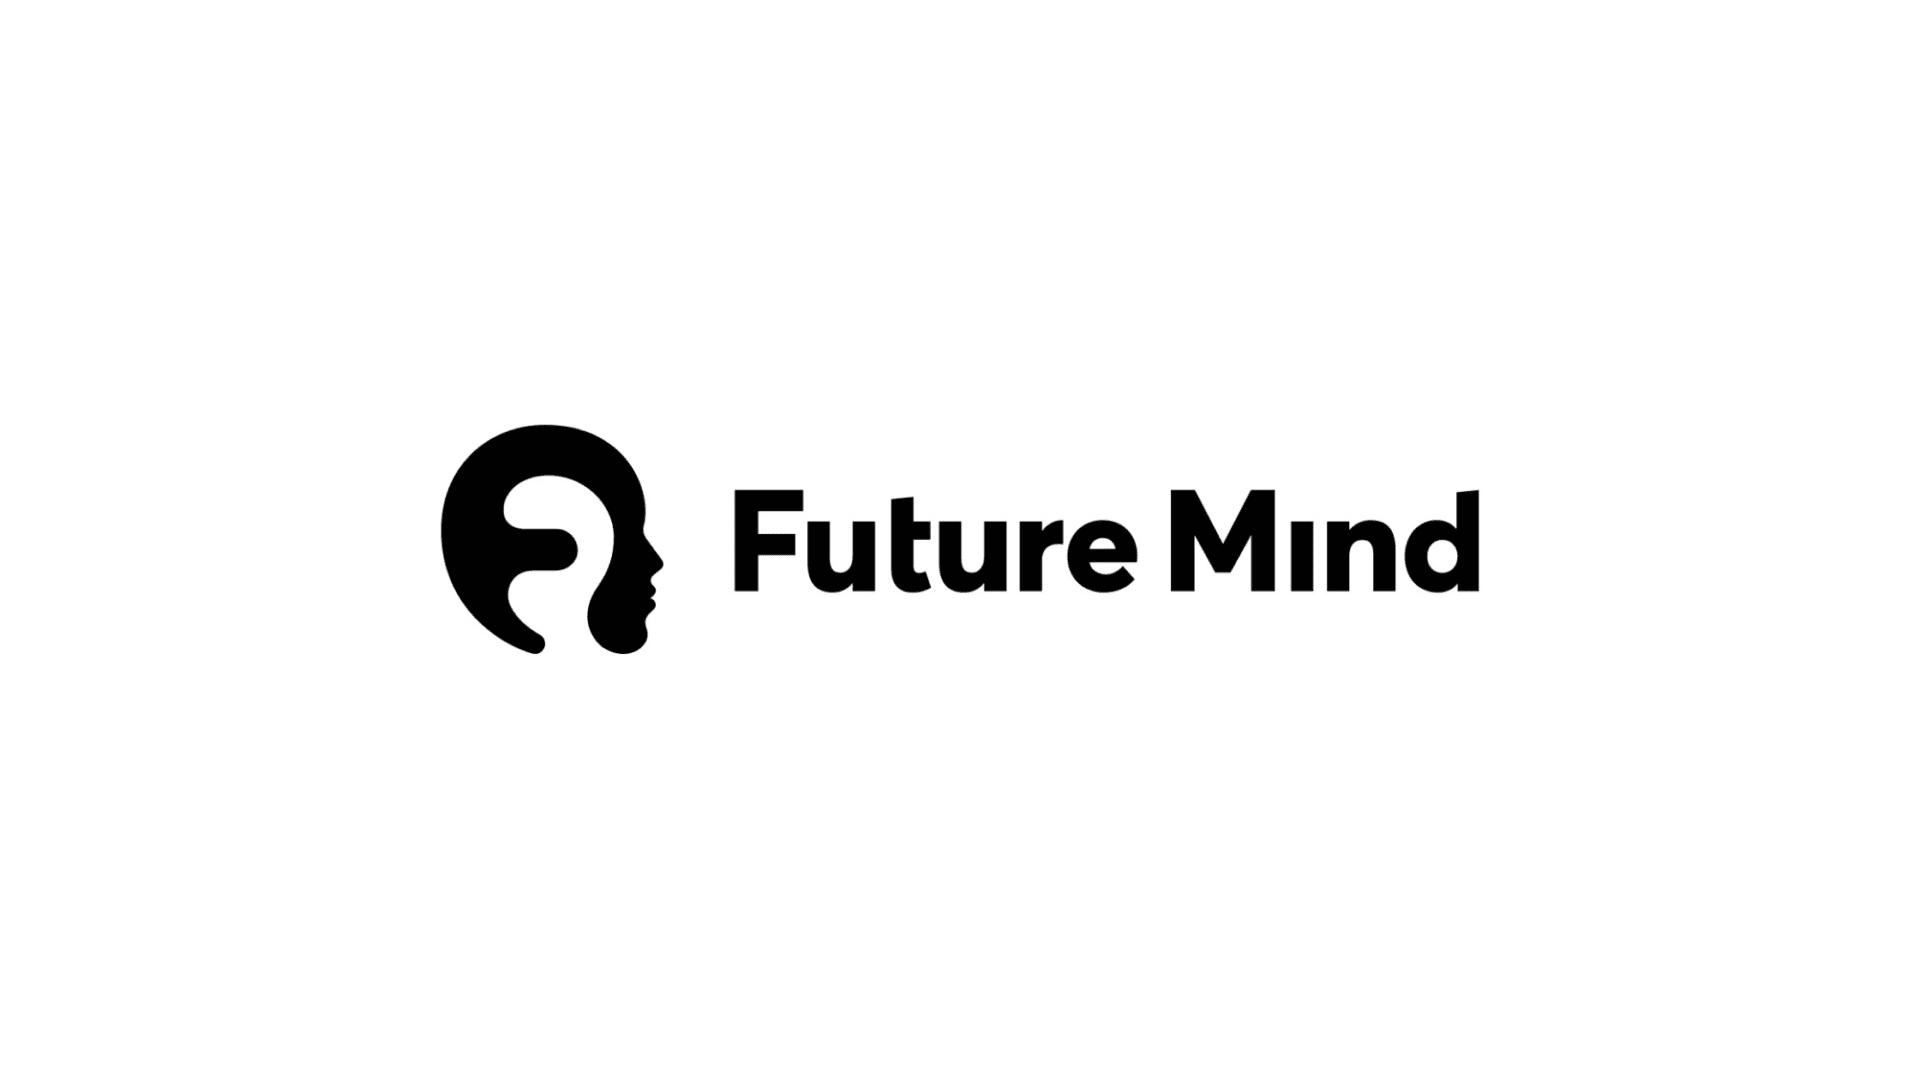 Future Mind nową firmą zrzeszoną w e-Izbie